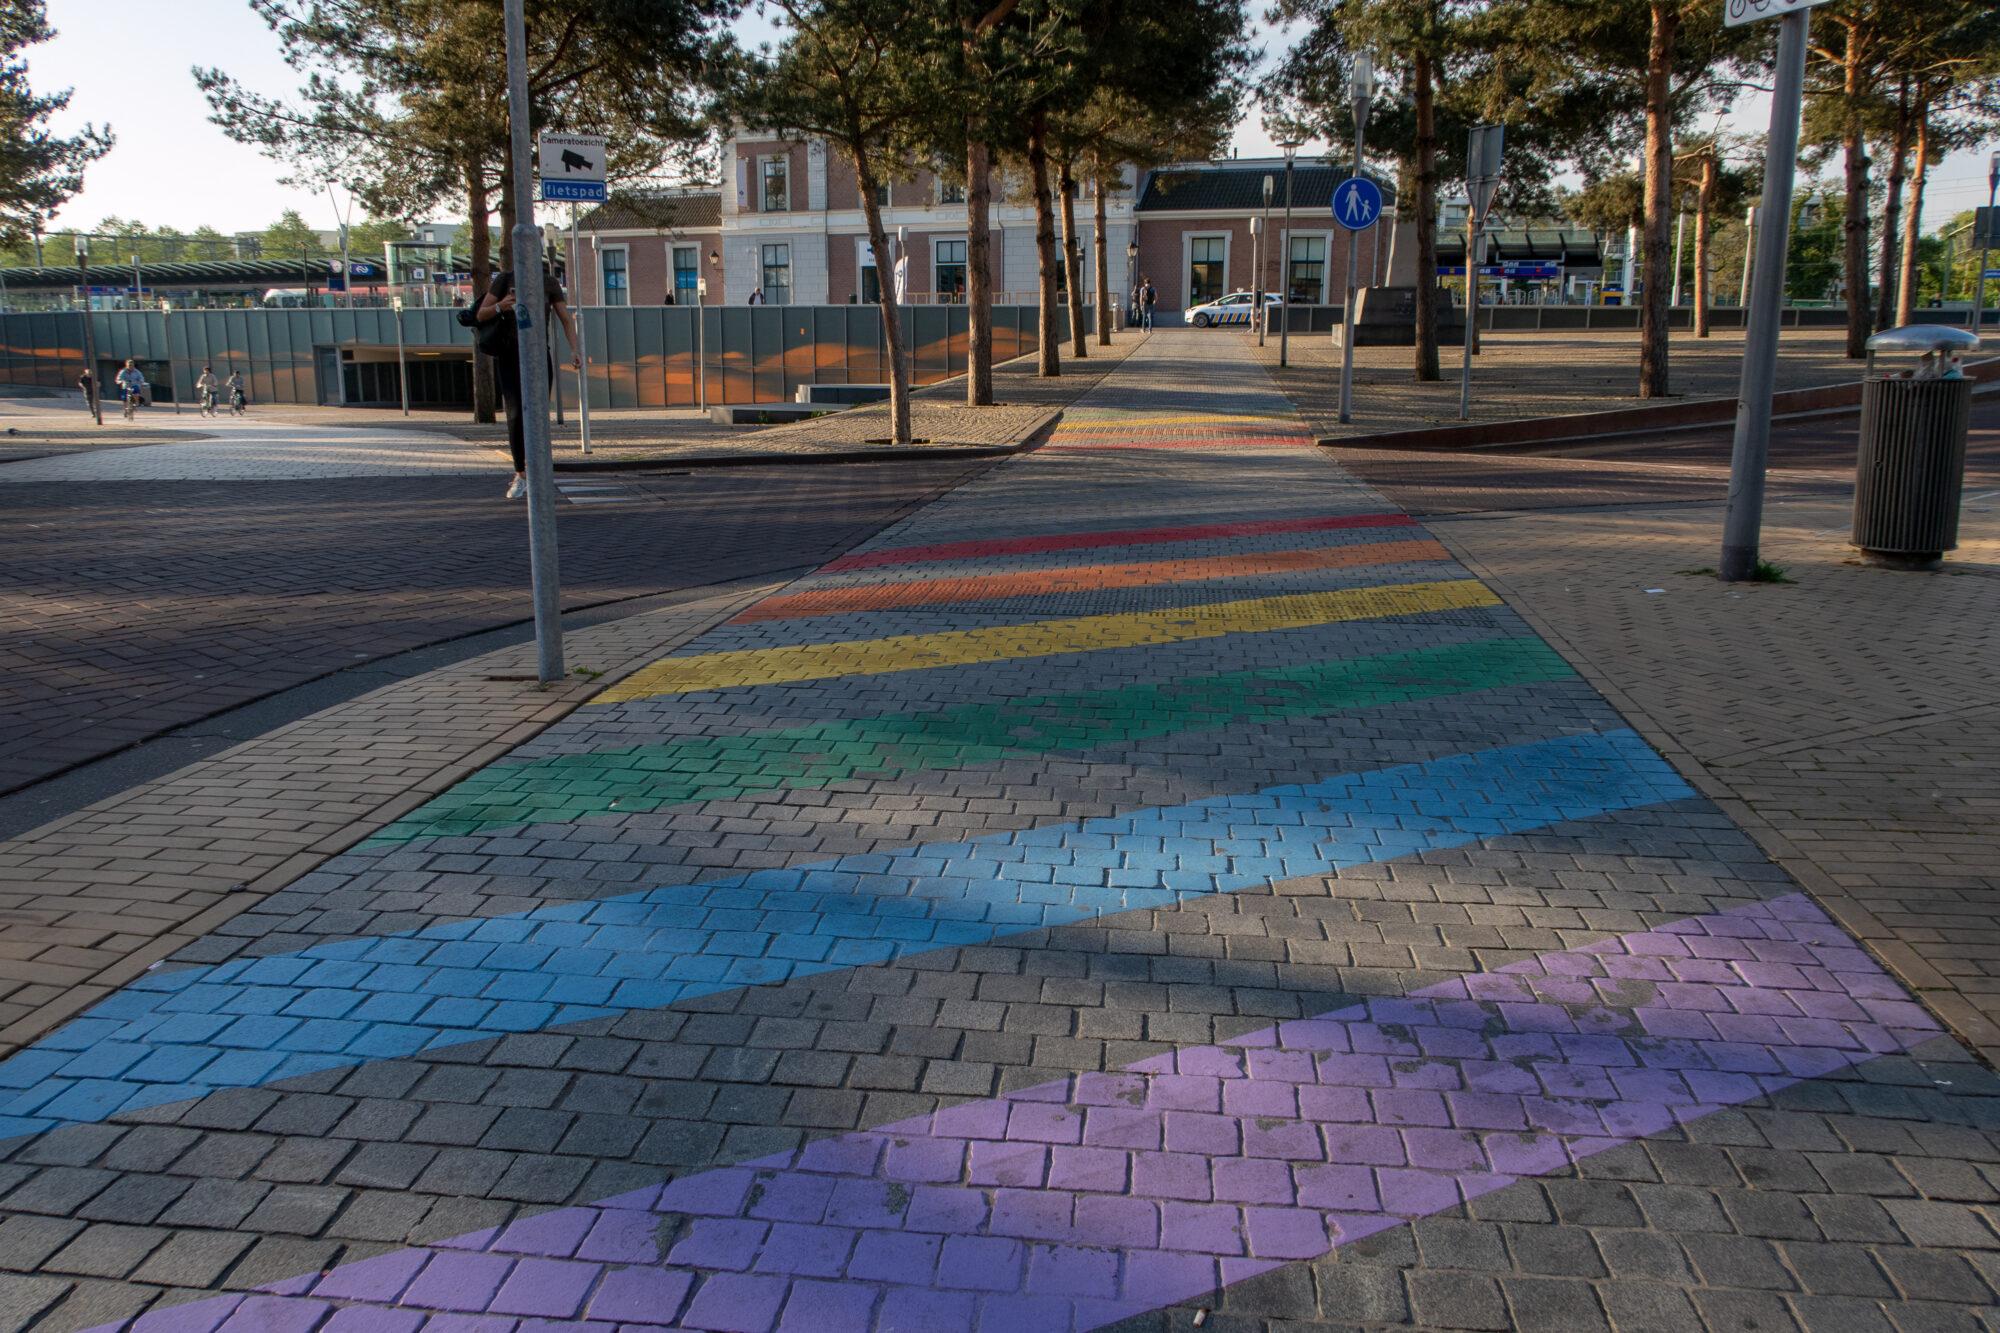 Te glad fietspad en elektrische laadpalen voor bussen bij Station Apeldoorn